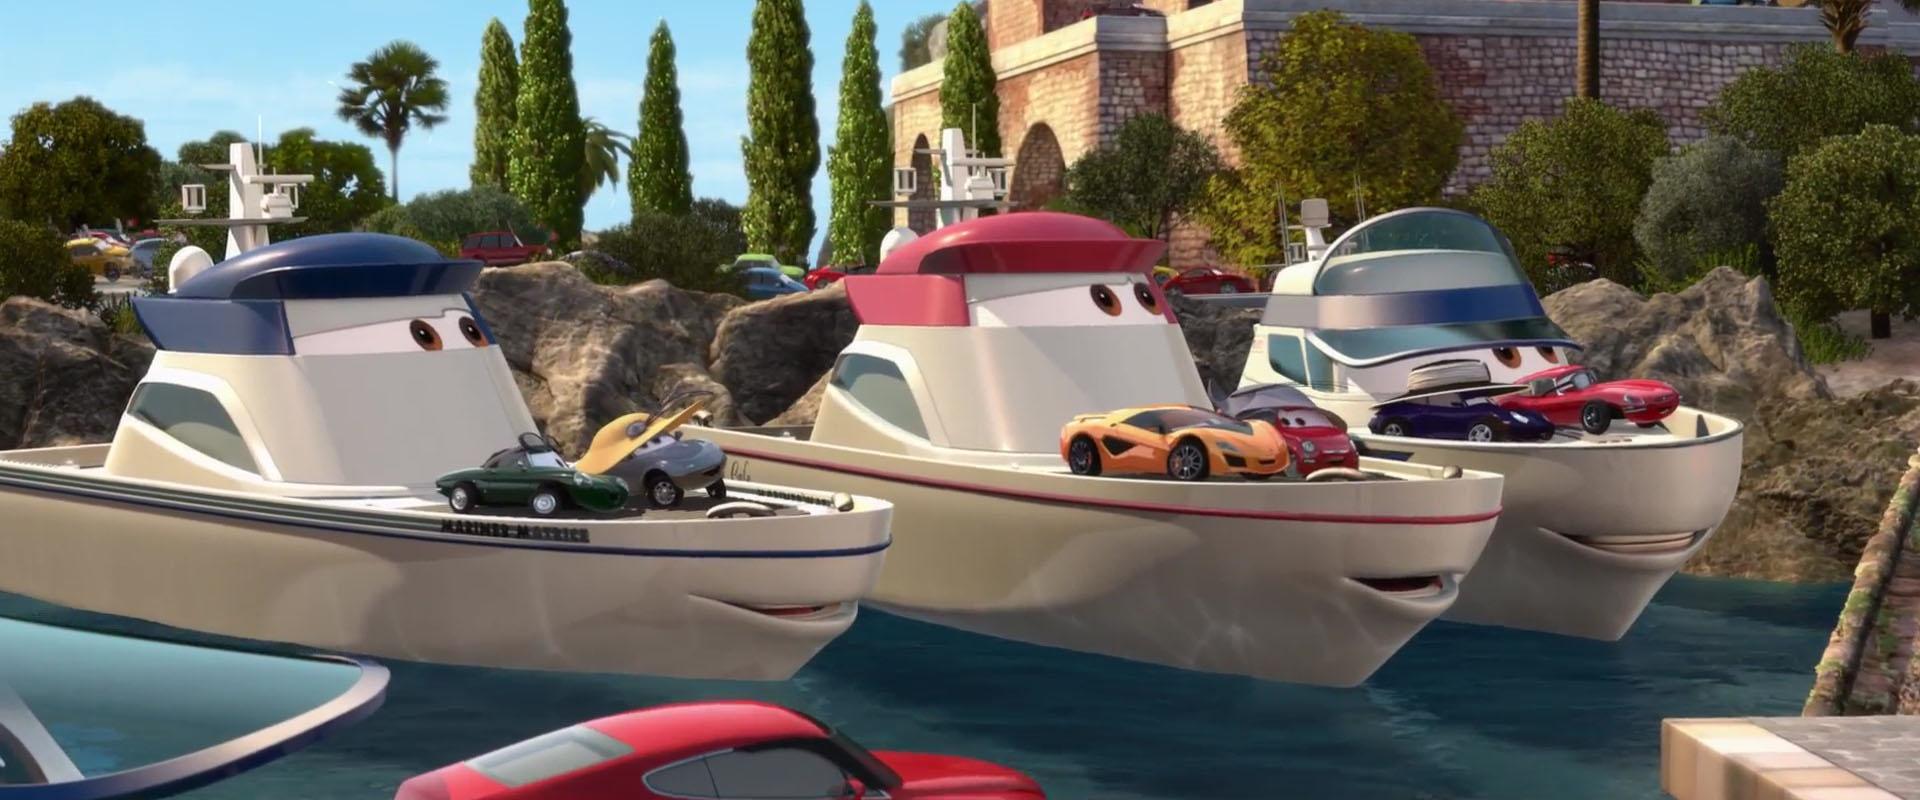 Quelles sont les Cars manquantes dans la serie Cars 2017  - Page 2 Fabrizio-personnage-cars-2-02